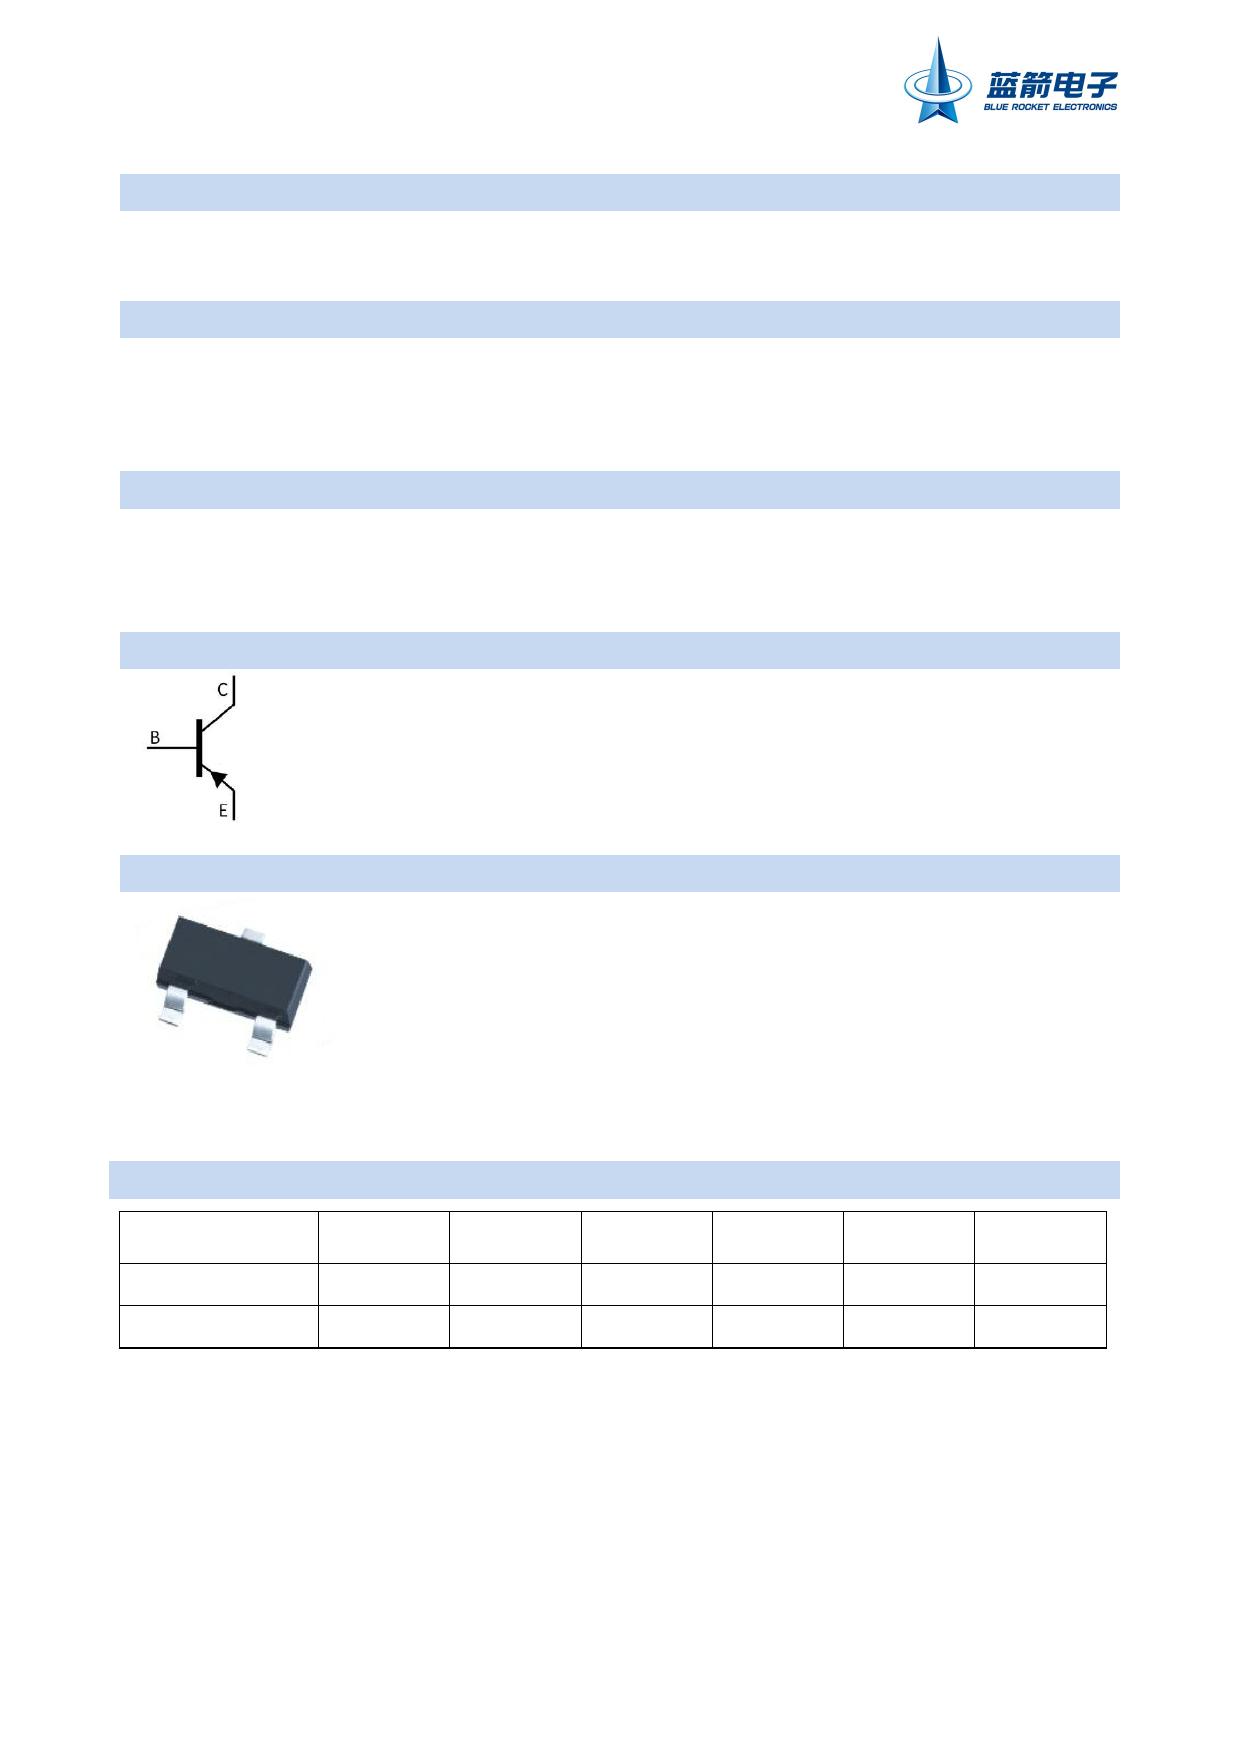 9012M datasheet